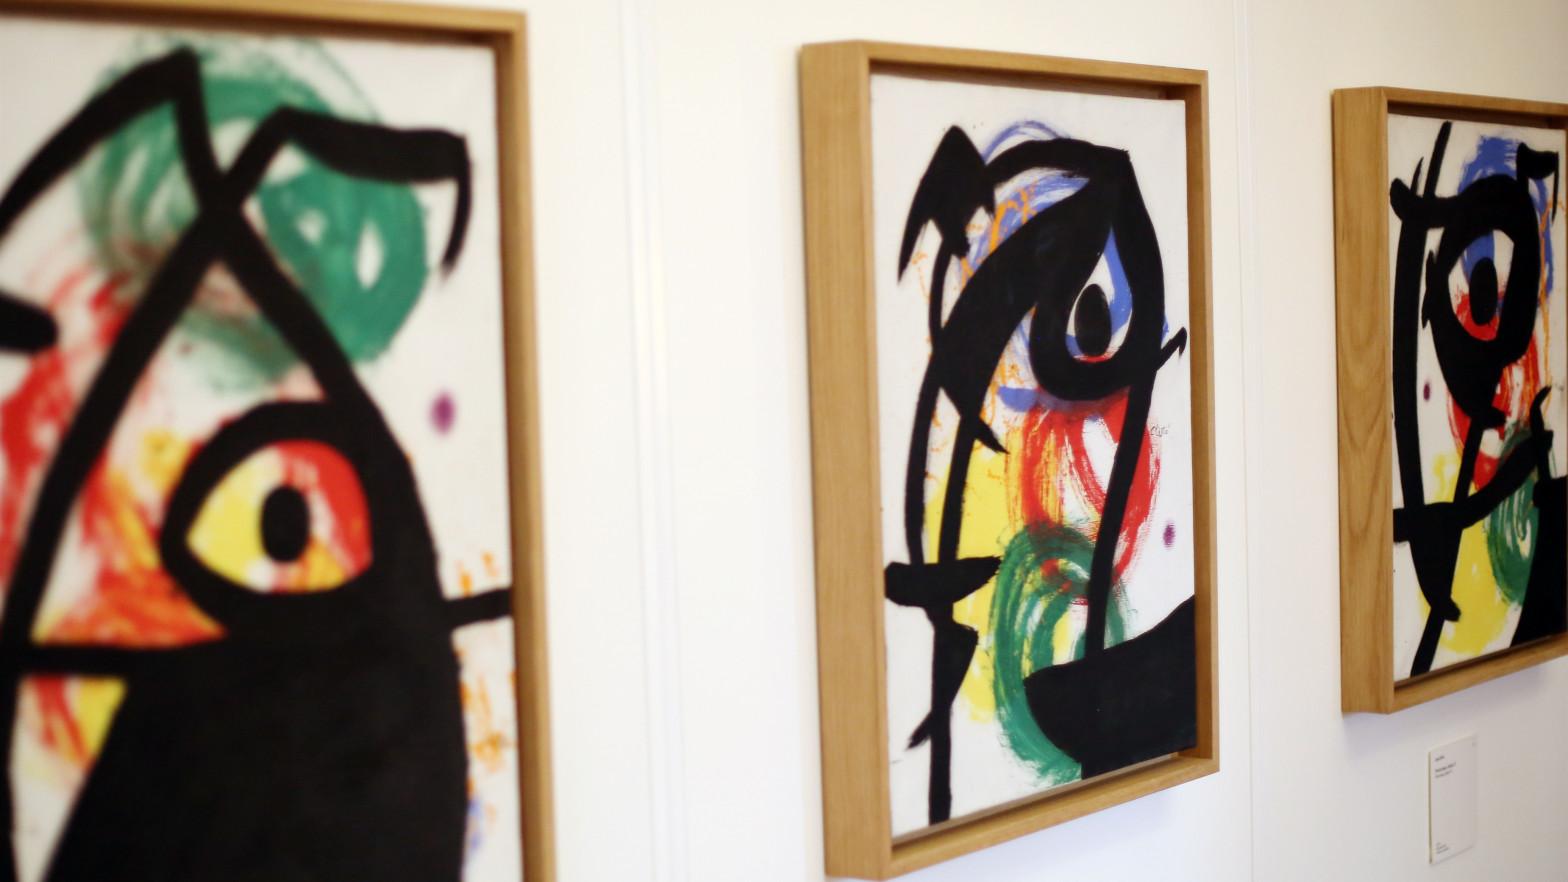 Un galerista acepta un año de prisión por vender cuatro obras falsas de Miró